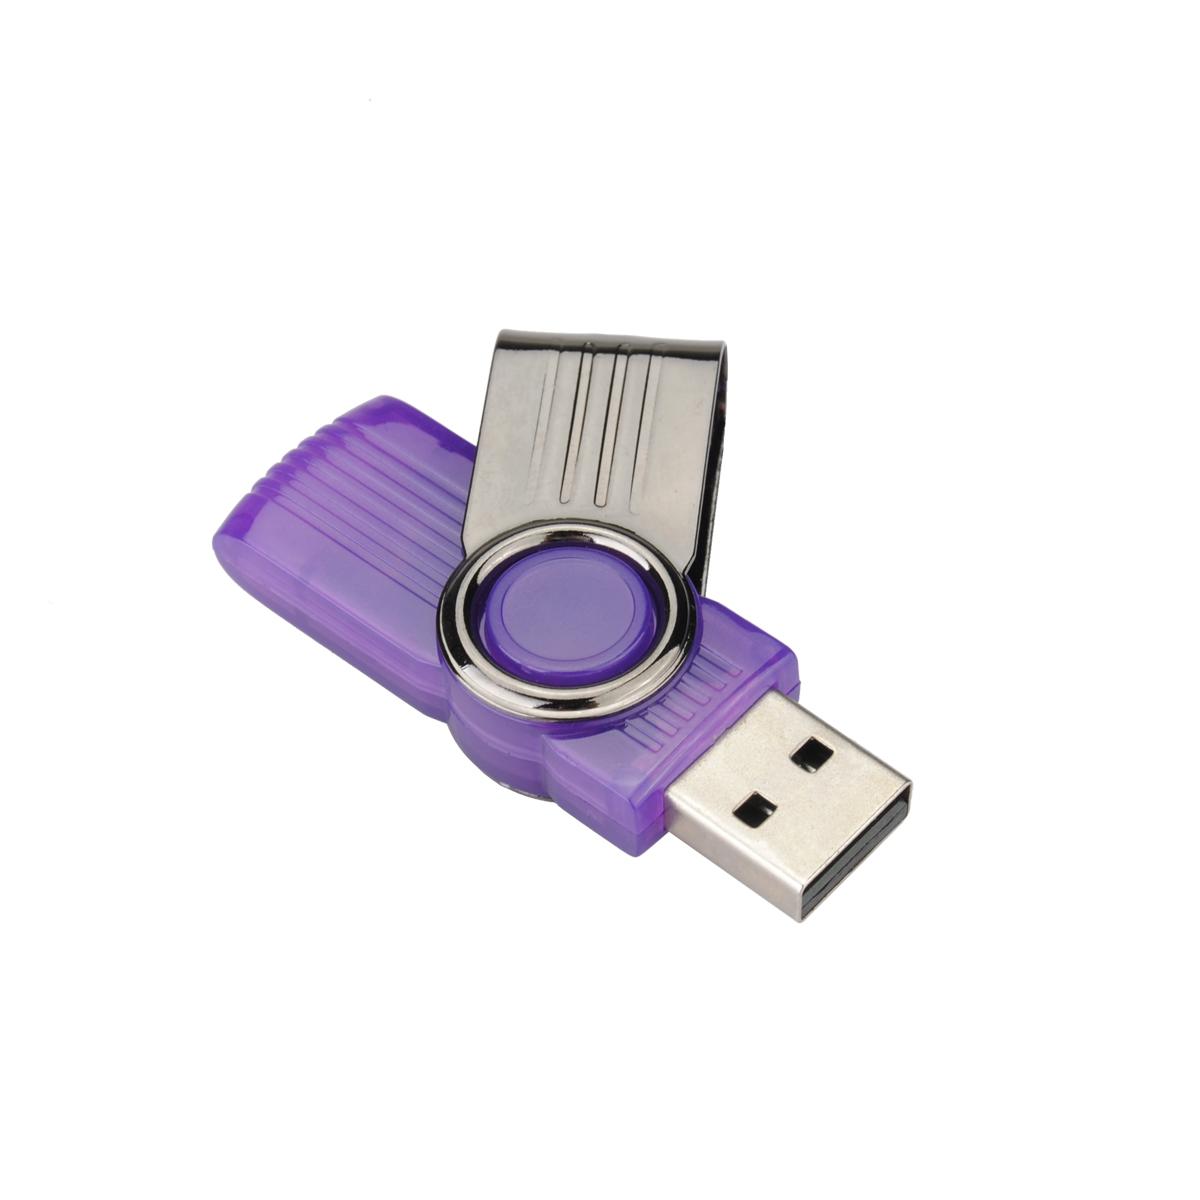 128 256 512 MB 32 64GB USB 2.0 Memory Storage Stick Flash Swivel Drive Pen